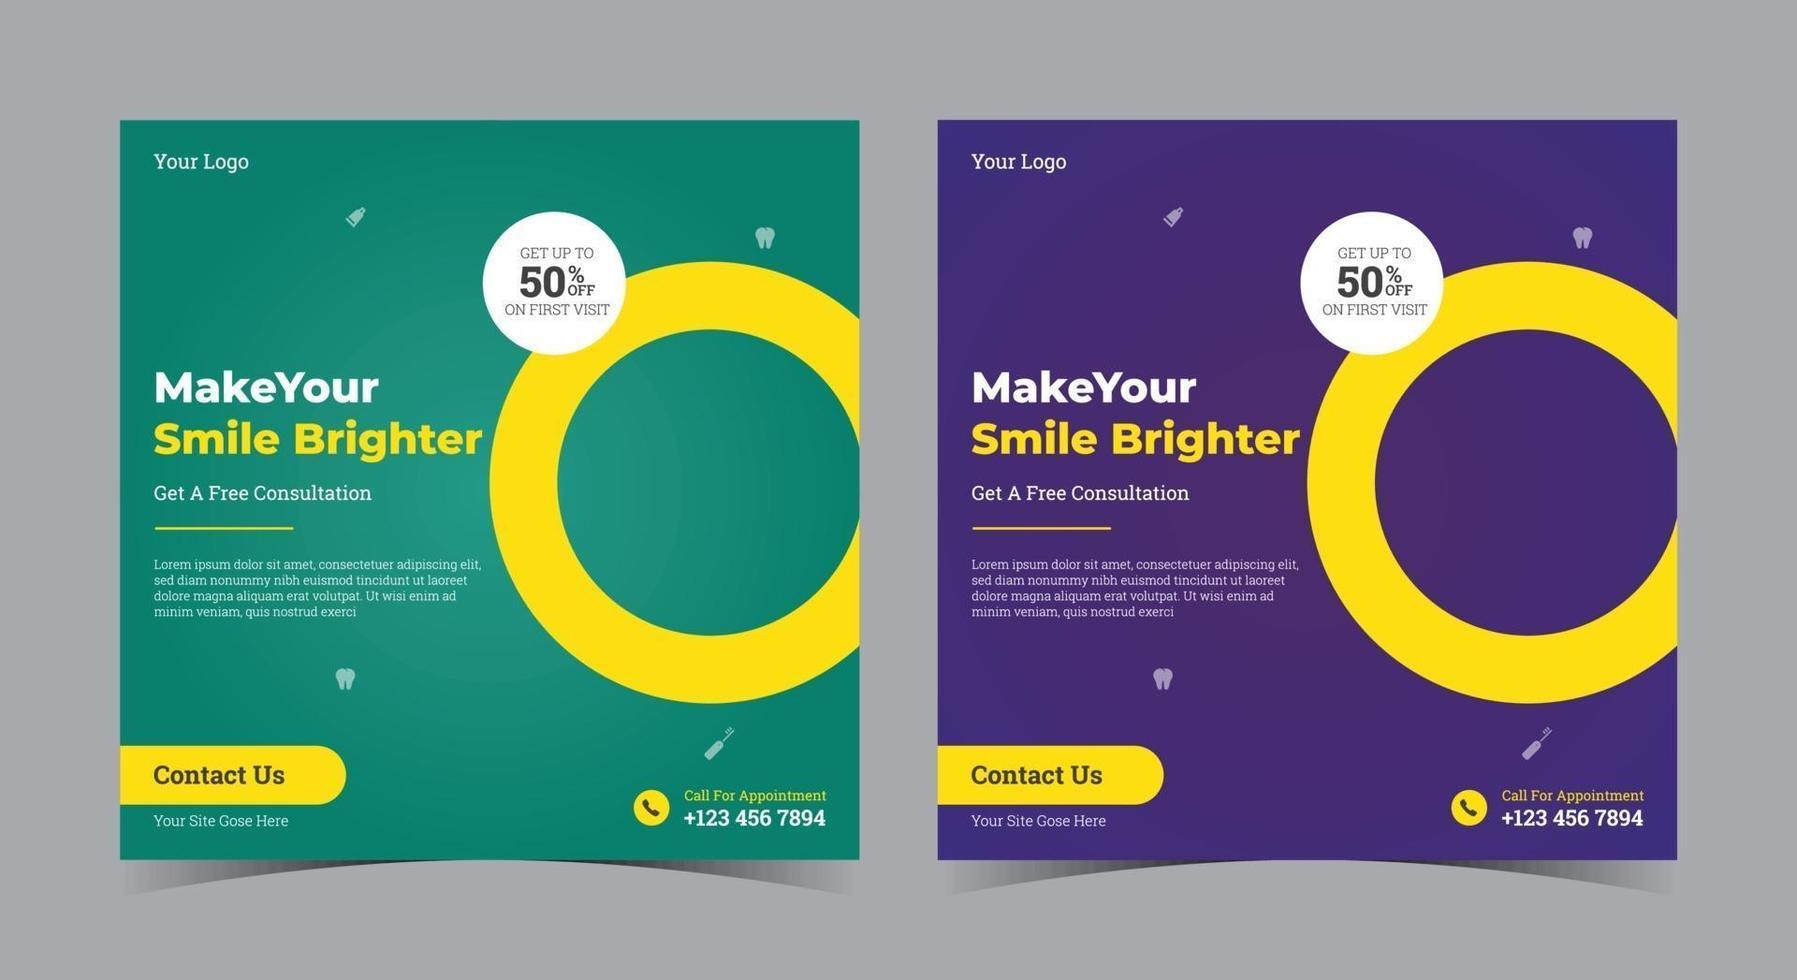 gör ditt leende ljusare affisch, tandvård sociala medier inlägg och flygblad vektor